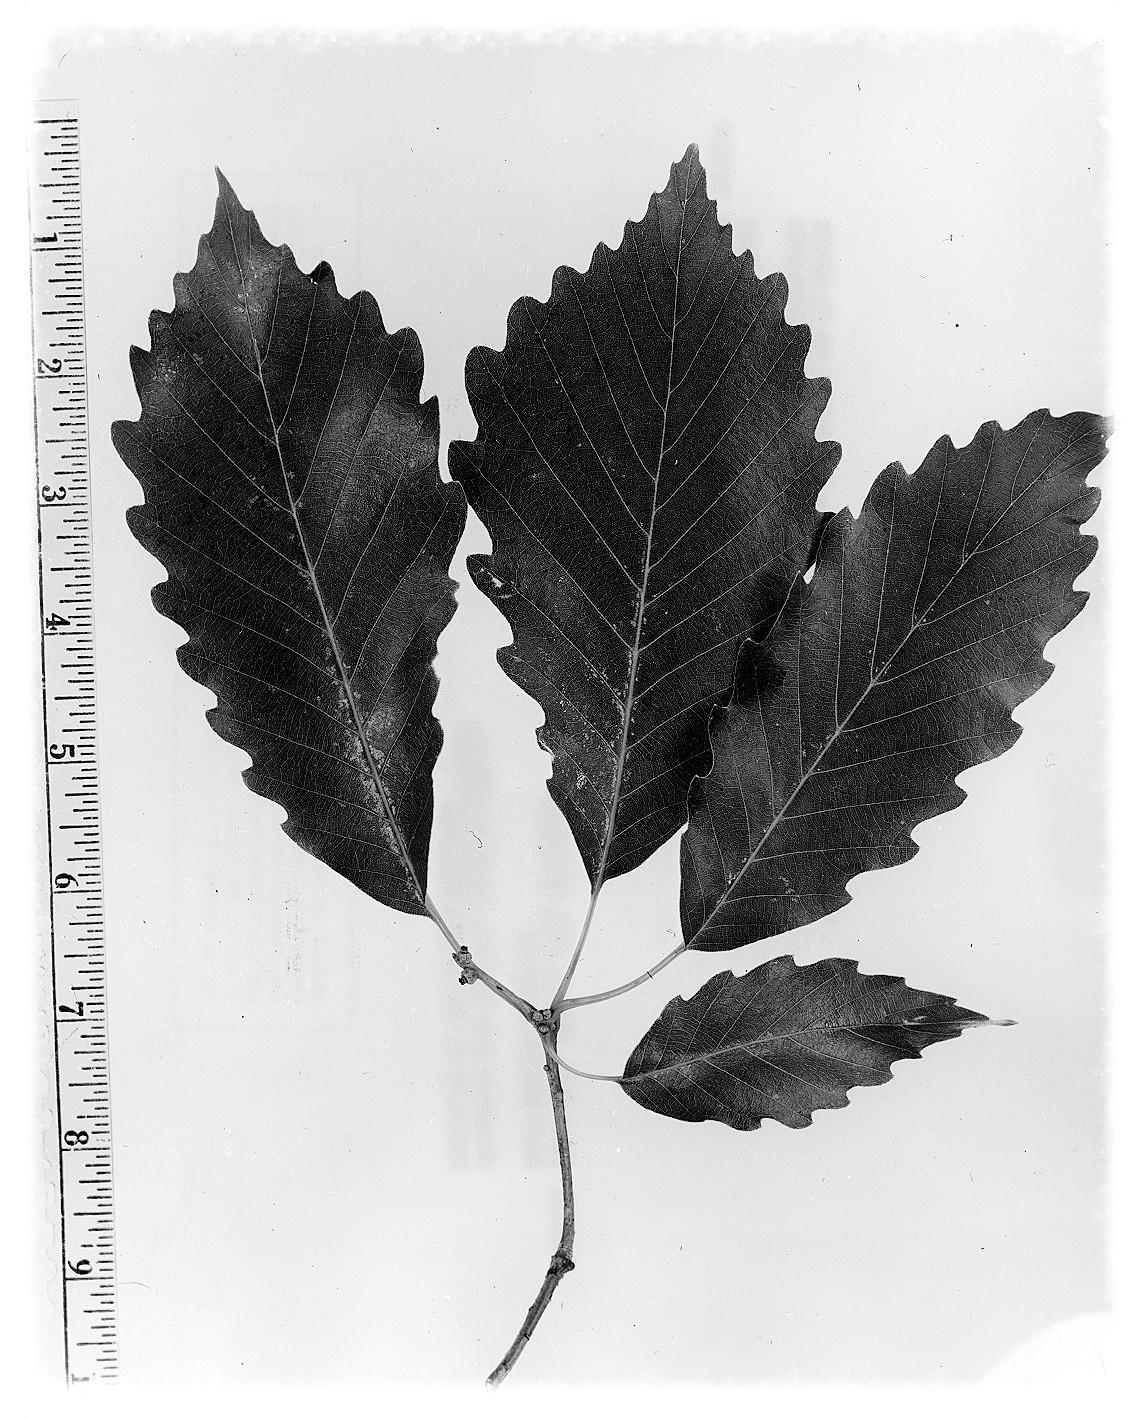 courtesy of W.D. Brush @ USDA-NRCS PLANTS Database